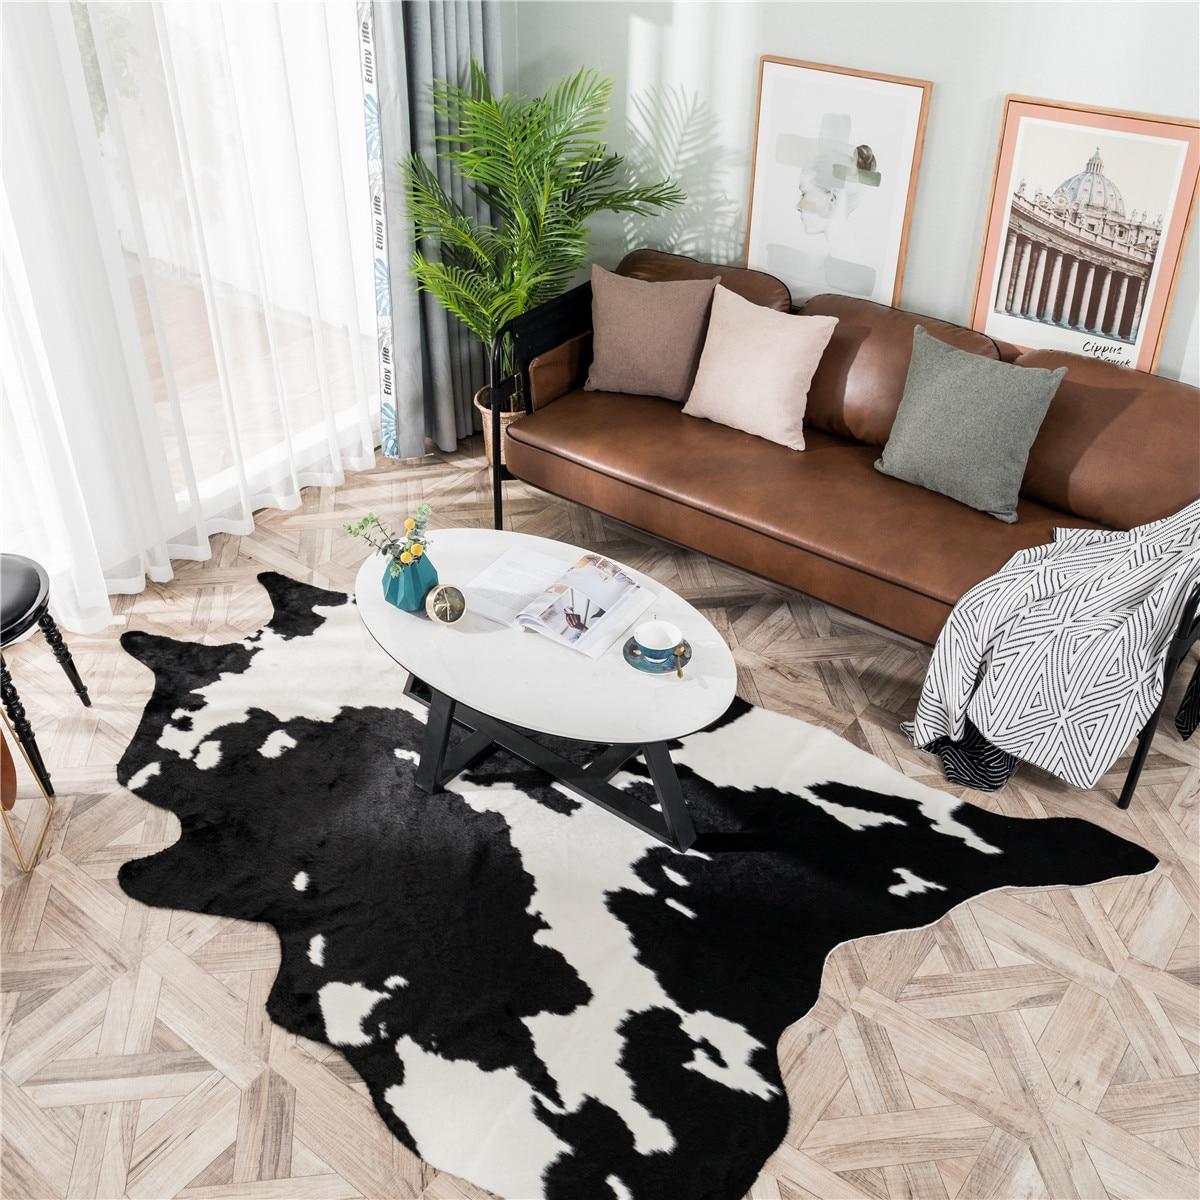 2020 Новый Белый Черный корова искусственная кожа Зебра воловья кожа ковер большой размер коричневый белый искусственная кожа натуральная полоса ковбойский коврик